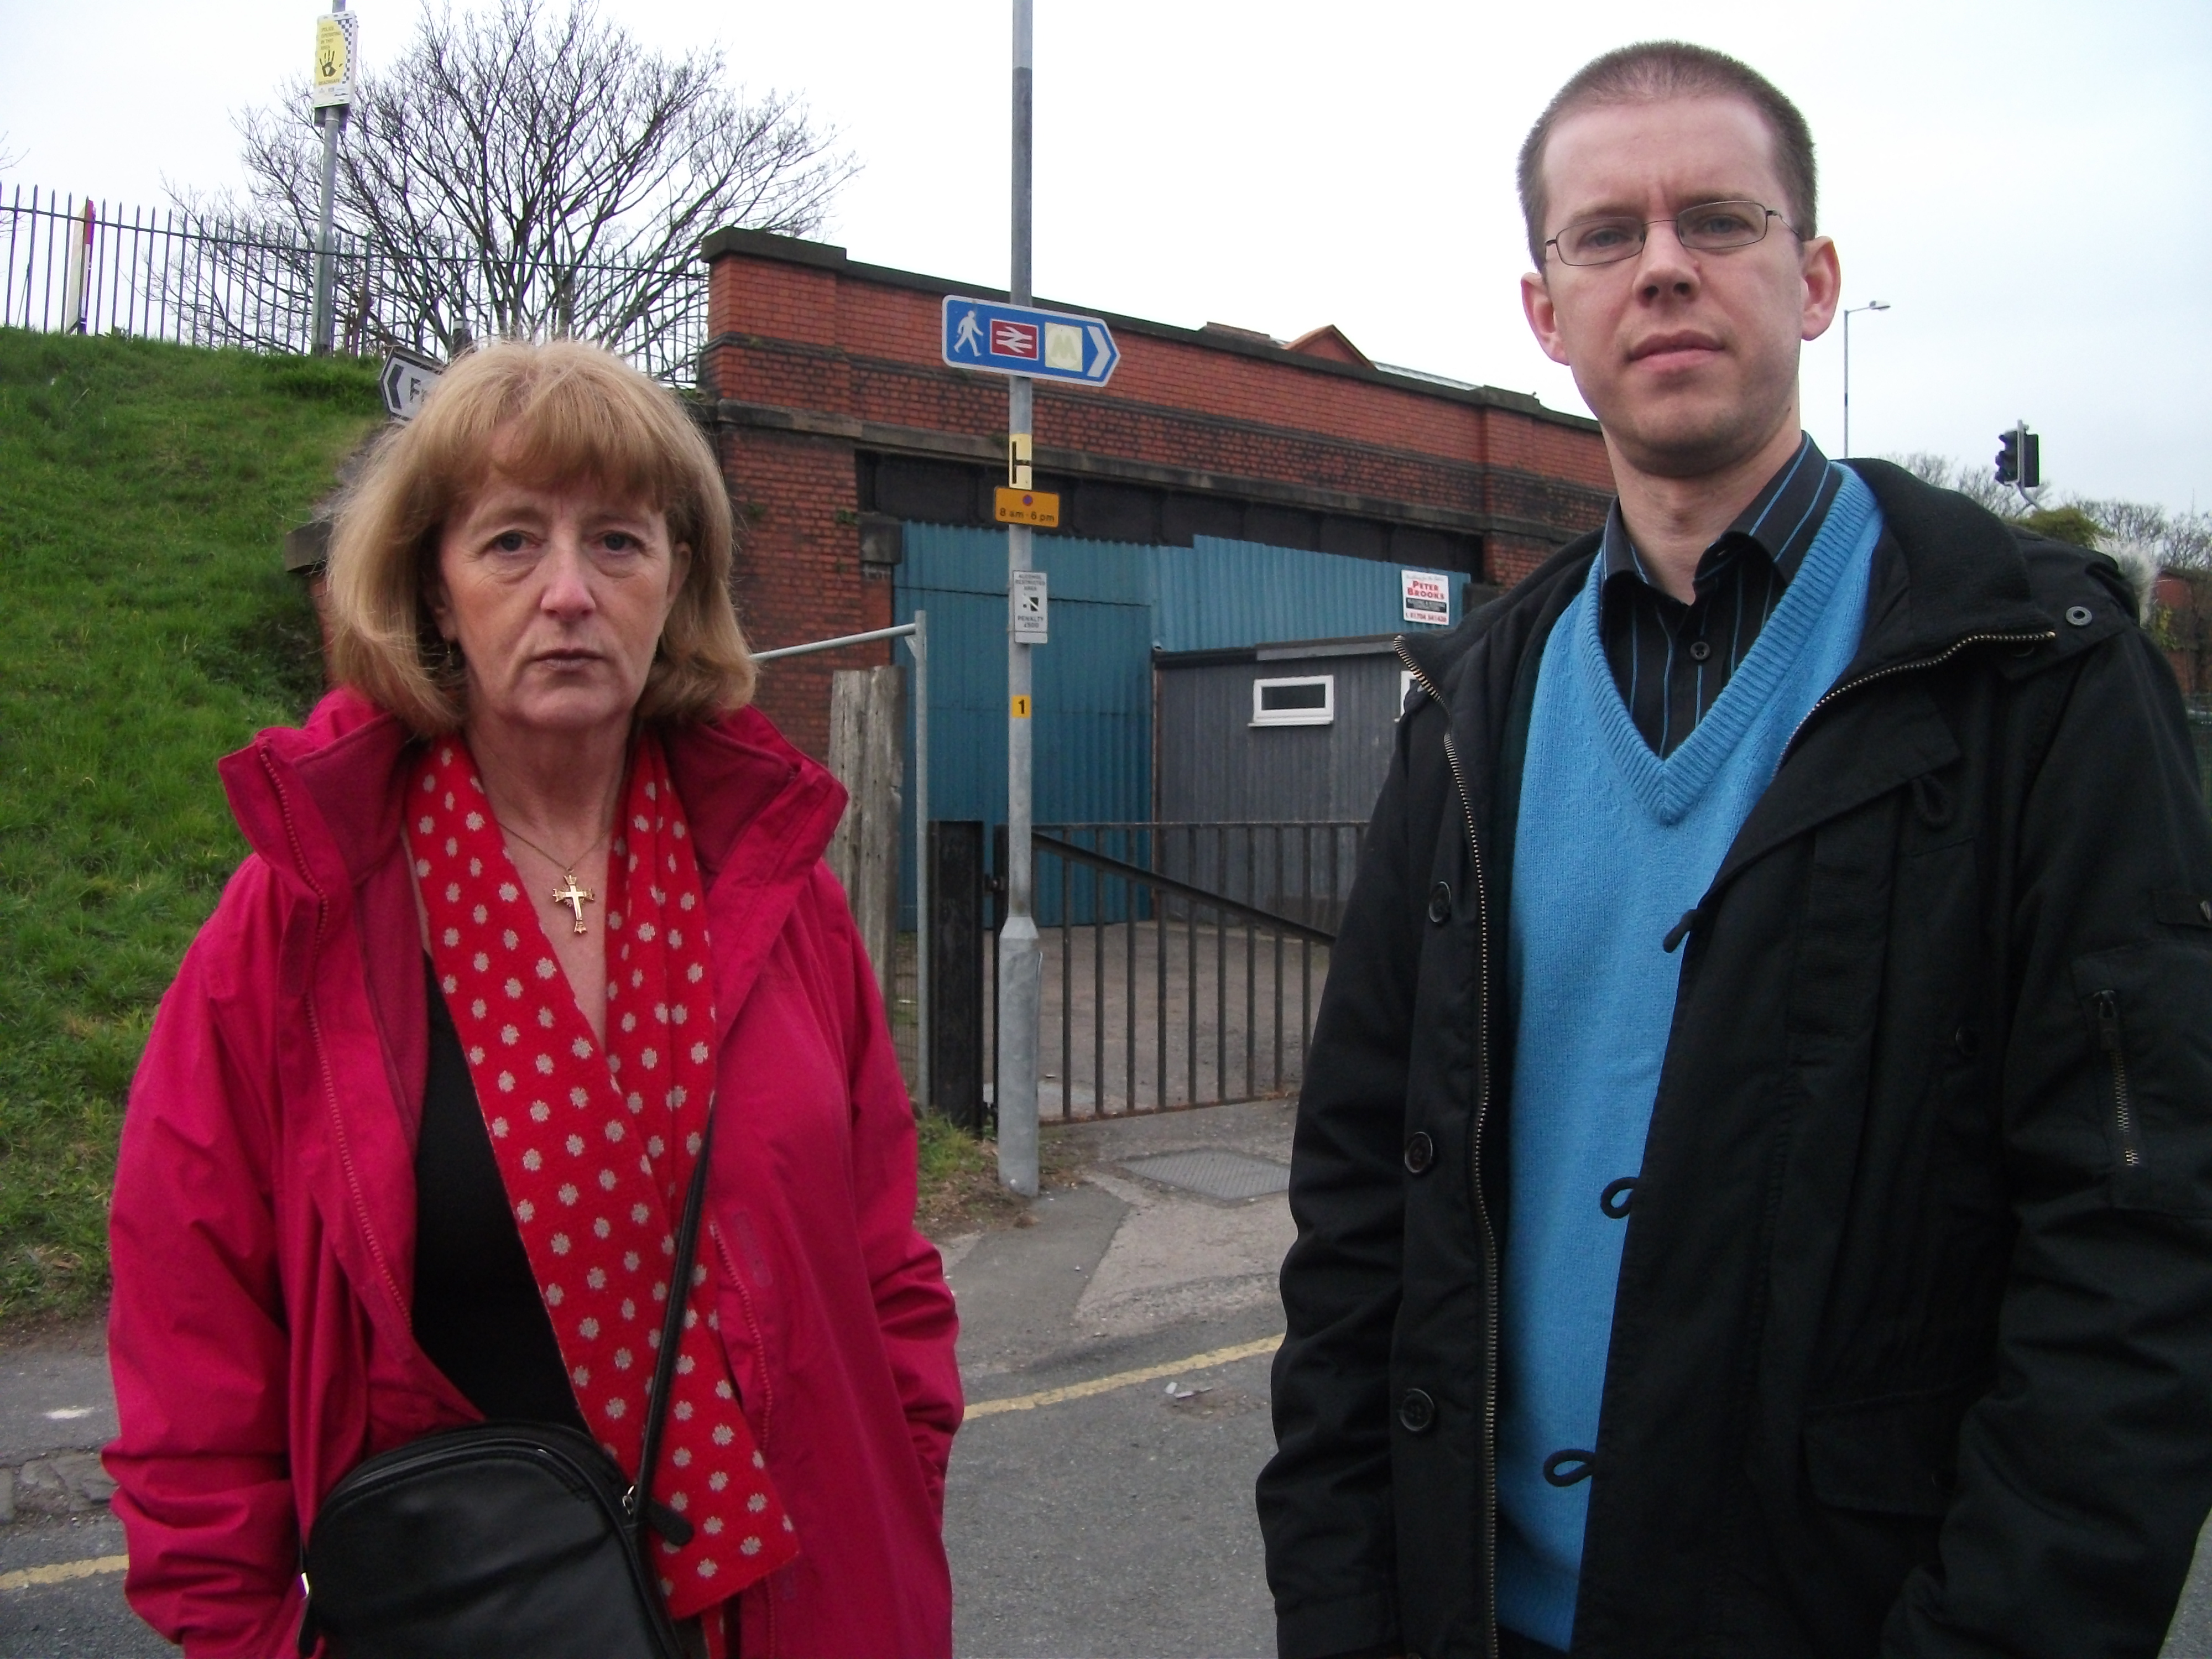 Catie Page and Ben Bentley